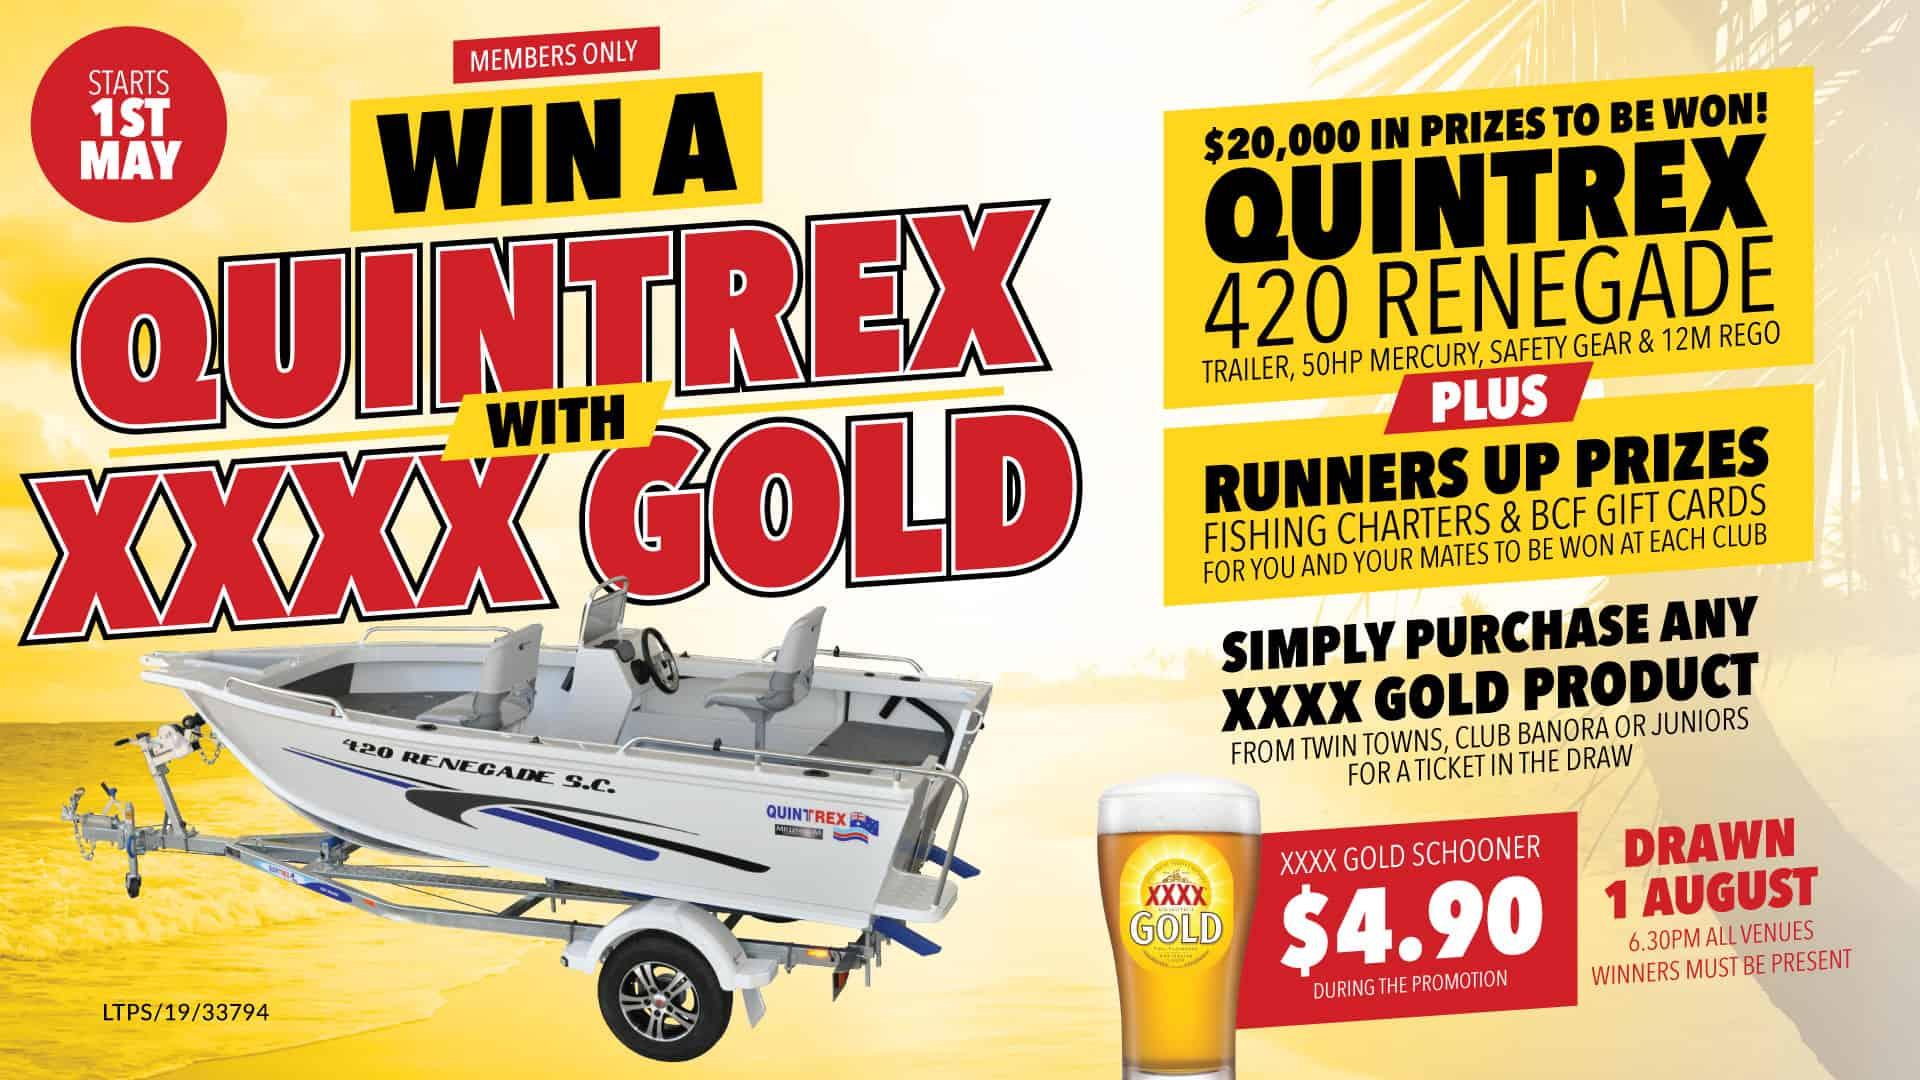 QUINTREX-iptv-l – Twin Towns Clubs & Resorts